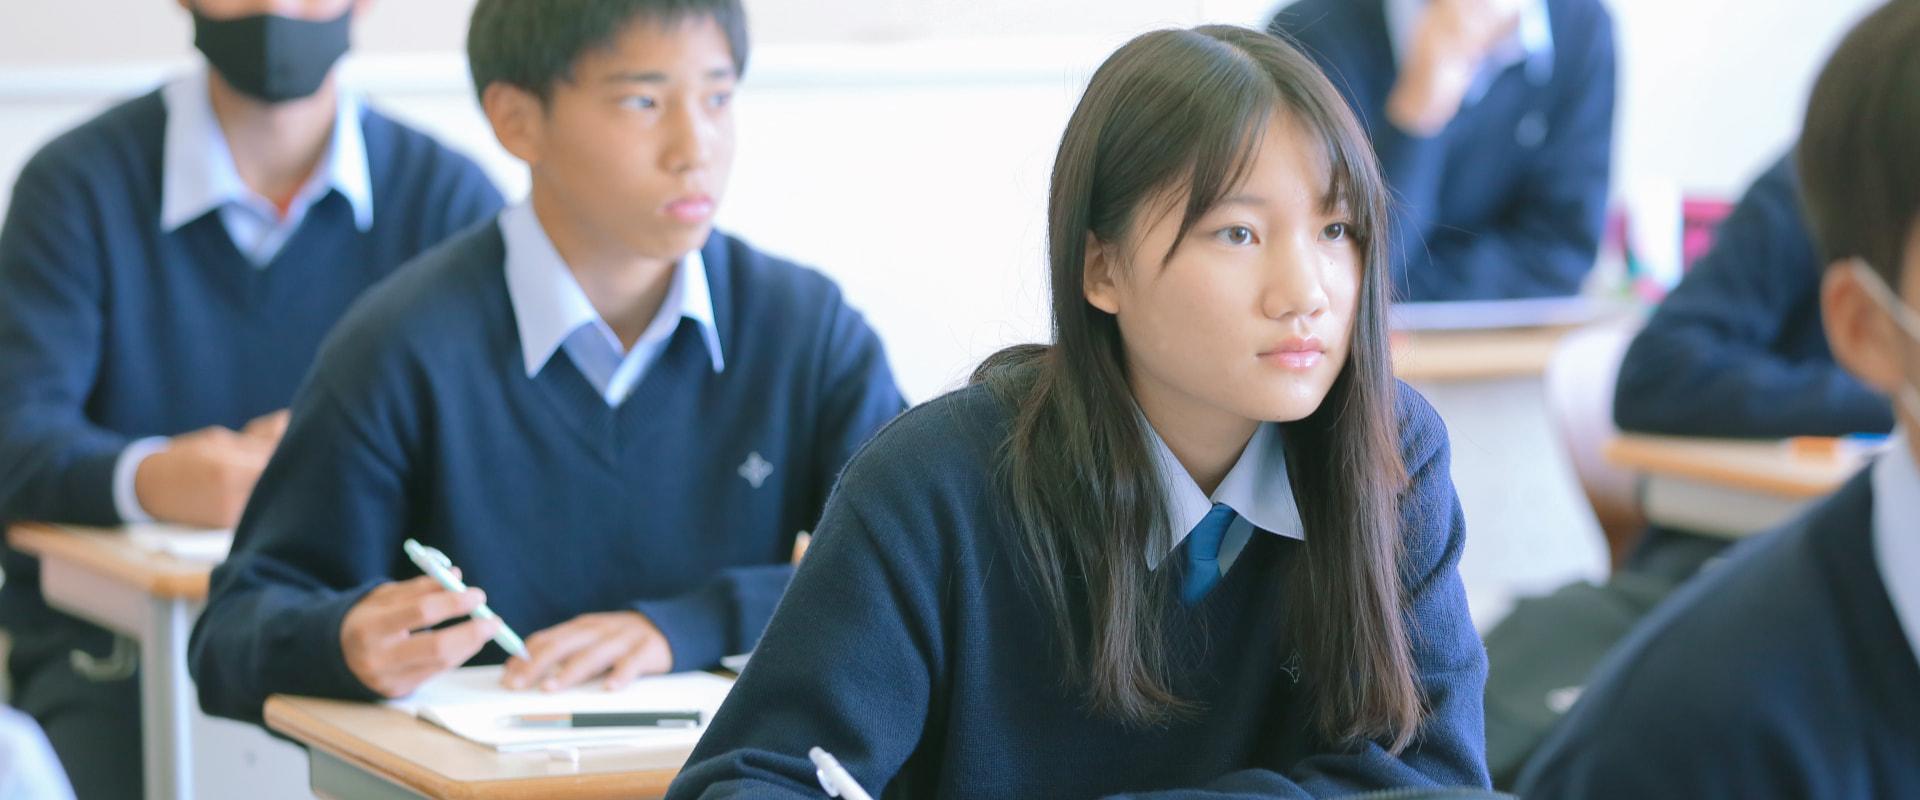 教室内の女子生徒